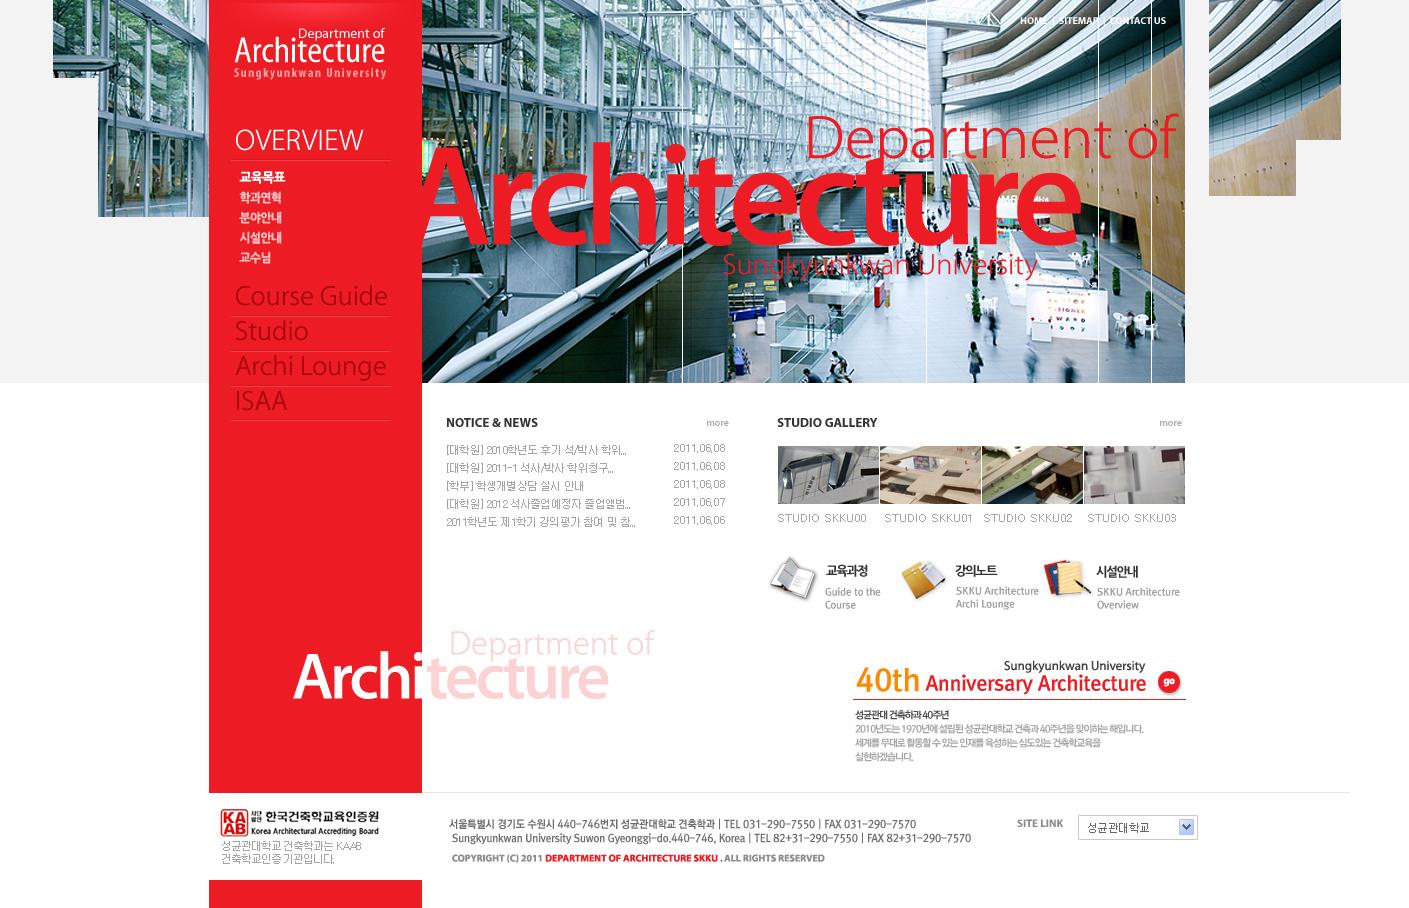 SU_architecture